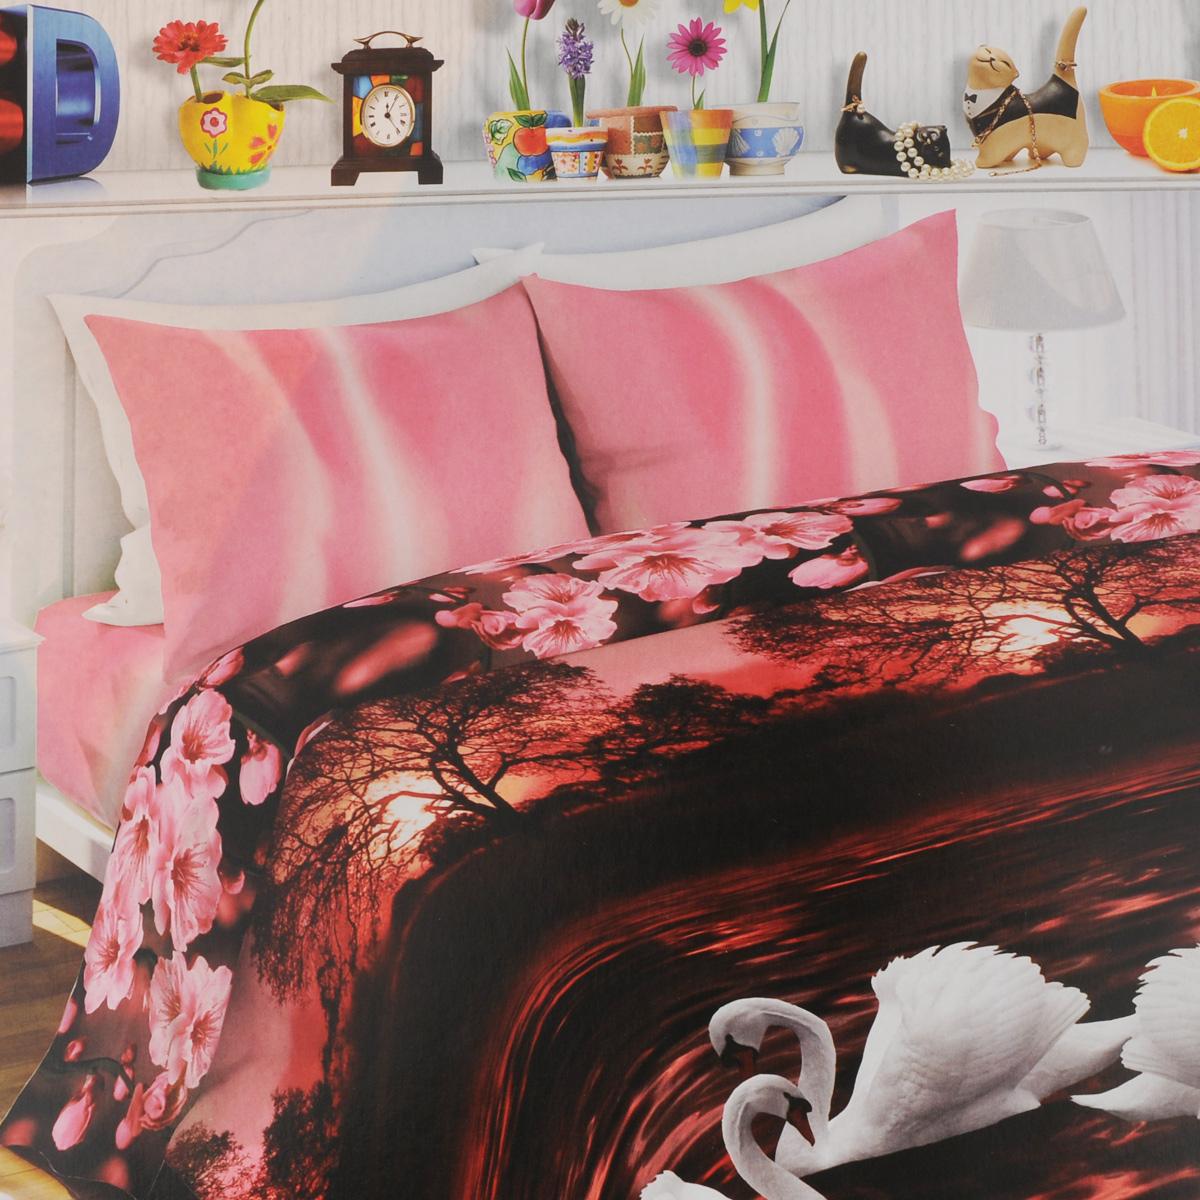 Комплект белья Любимый дом Лебединая верность, 1,5-спальный, наволочки 70х70, цвет: черно-розовый, белый326133Комплект постельного белья Любимый дом Лебединая верность состоит из пододеяльника, простыни и двух наволочек. Постельное белье оформлено оригинальным рисунком и имеет изысканный внешний вид. Белье изготовлено из новой ткани Биокомфорт, отвечающей всем необходимым нормативным стандартам. Биокомфорт - это тканьполотняного переплетения, из экологически чистого и натурального 100% хлопка. Неоспоримым плюсом белья из такой ткани является мягкостьи легкость, она прекрасно пропускает воздух, приятна на ощупь, не образует катышков на поверхности и за ней легко ухаживать. При соблюдениирекомендаций по уходу, это белье выдерживает много стирок, не линяети не теряет свою первоначальную прочность. Уникальная ткань обеспечивает легкую глажку.Приобретая комплект постельного белья Любимый дом Лебединая верность, вы можете быть уверены в том, что покупка доставит вам ивашим близким удовольствие и подарит максимальный комфорт.